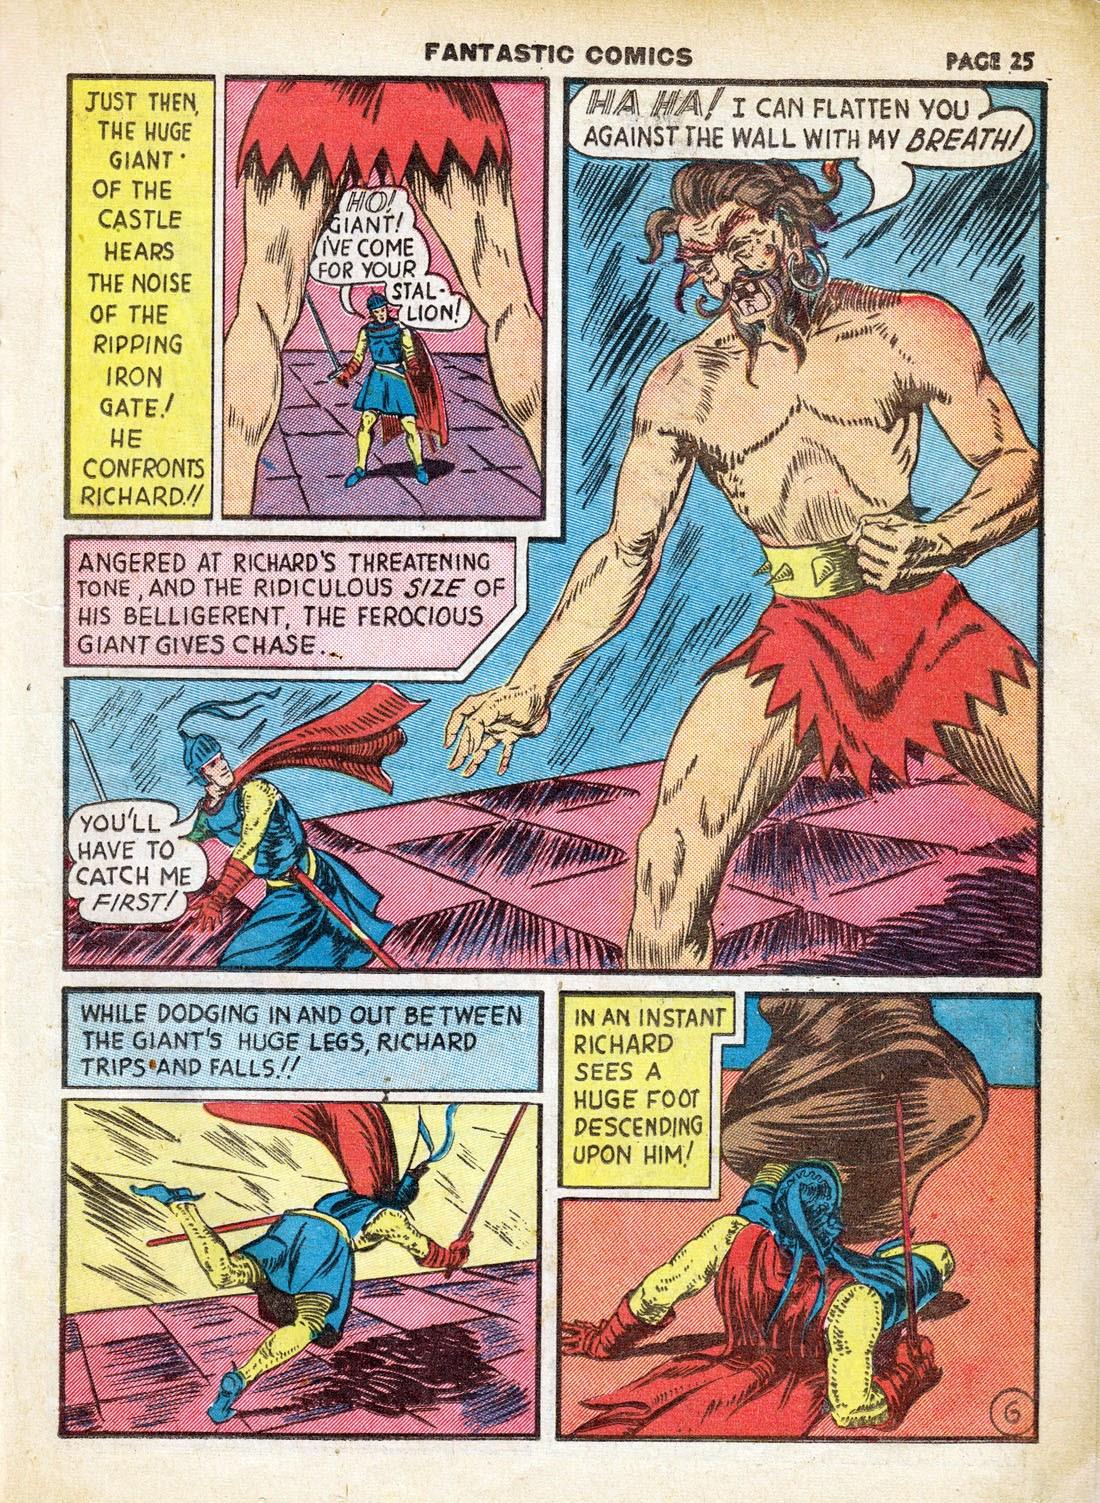 Read online Fantastic Comics comic -  Issue #7 - 27